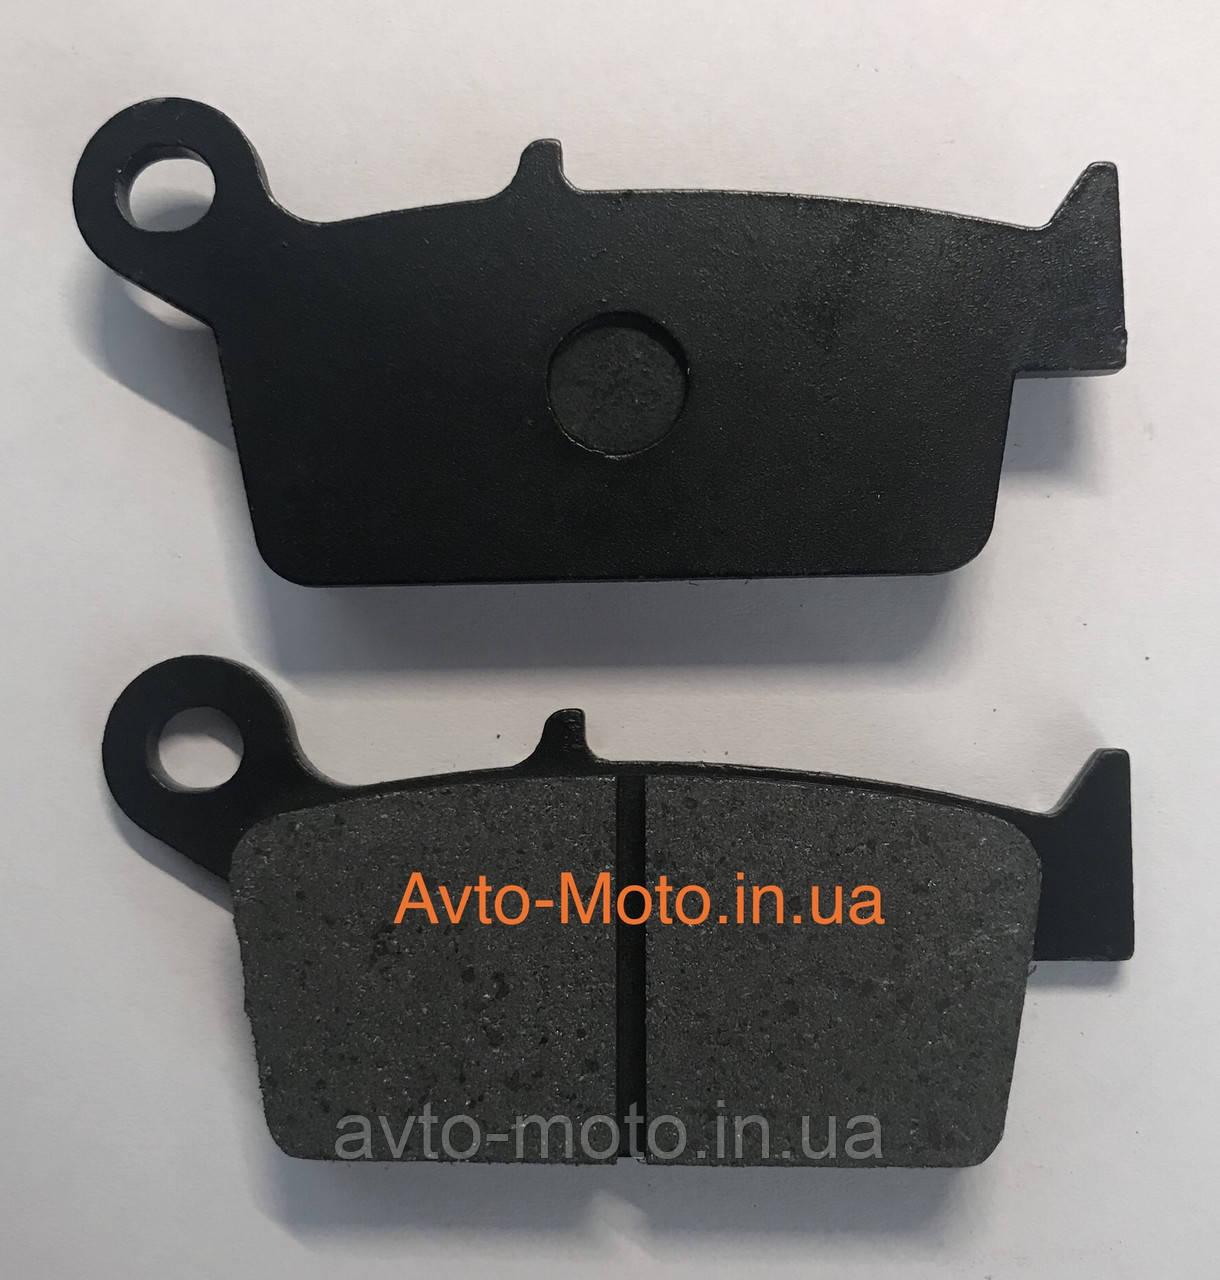 Колодки переднього дискового гальма GY6 50-150